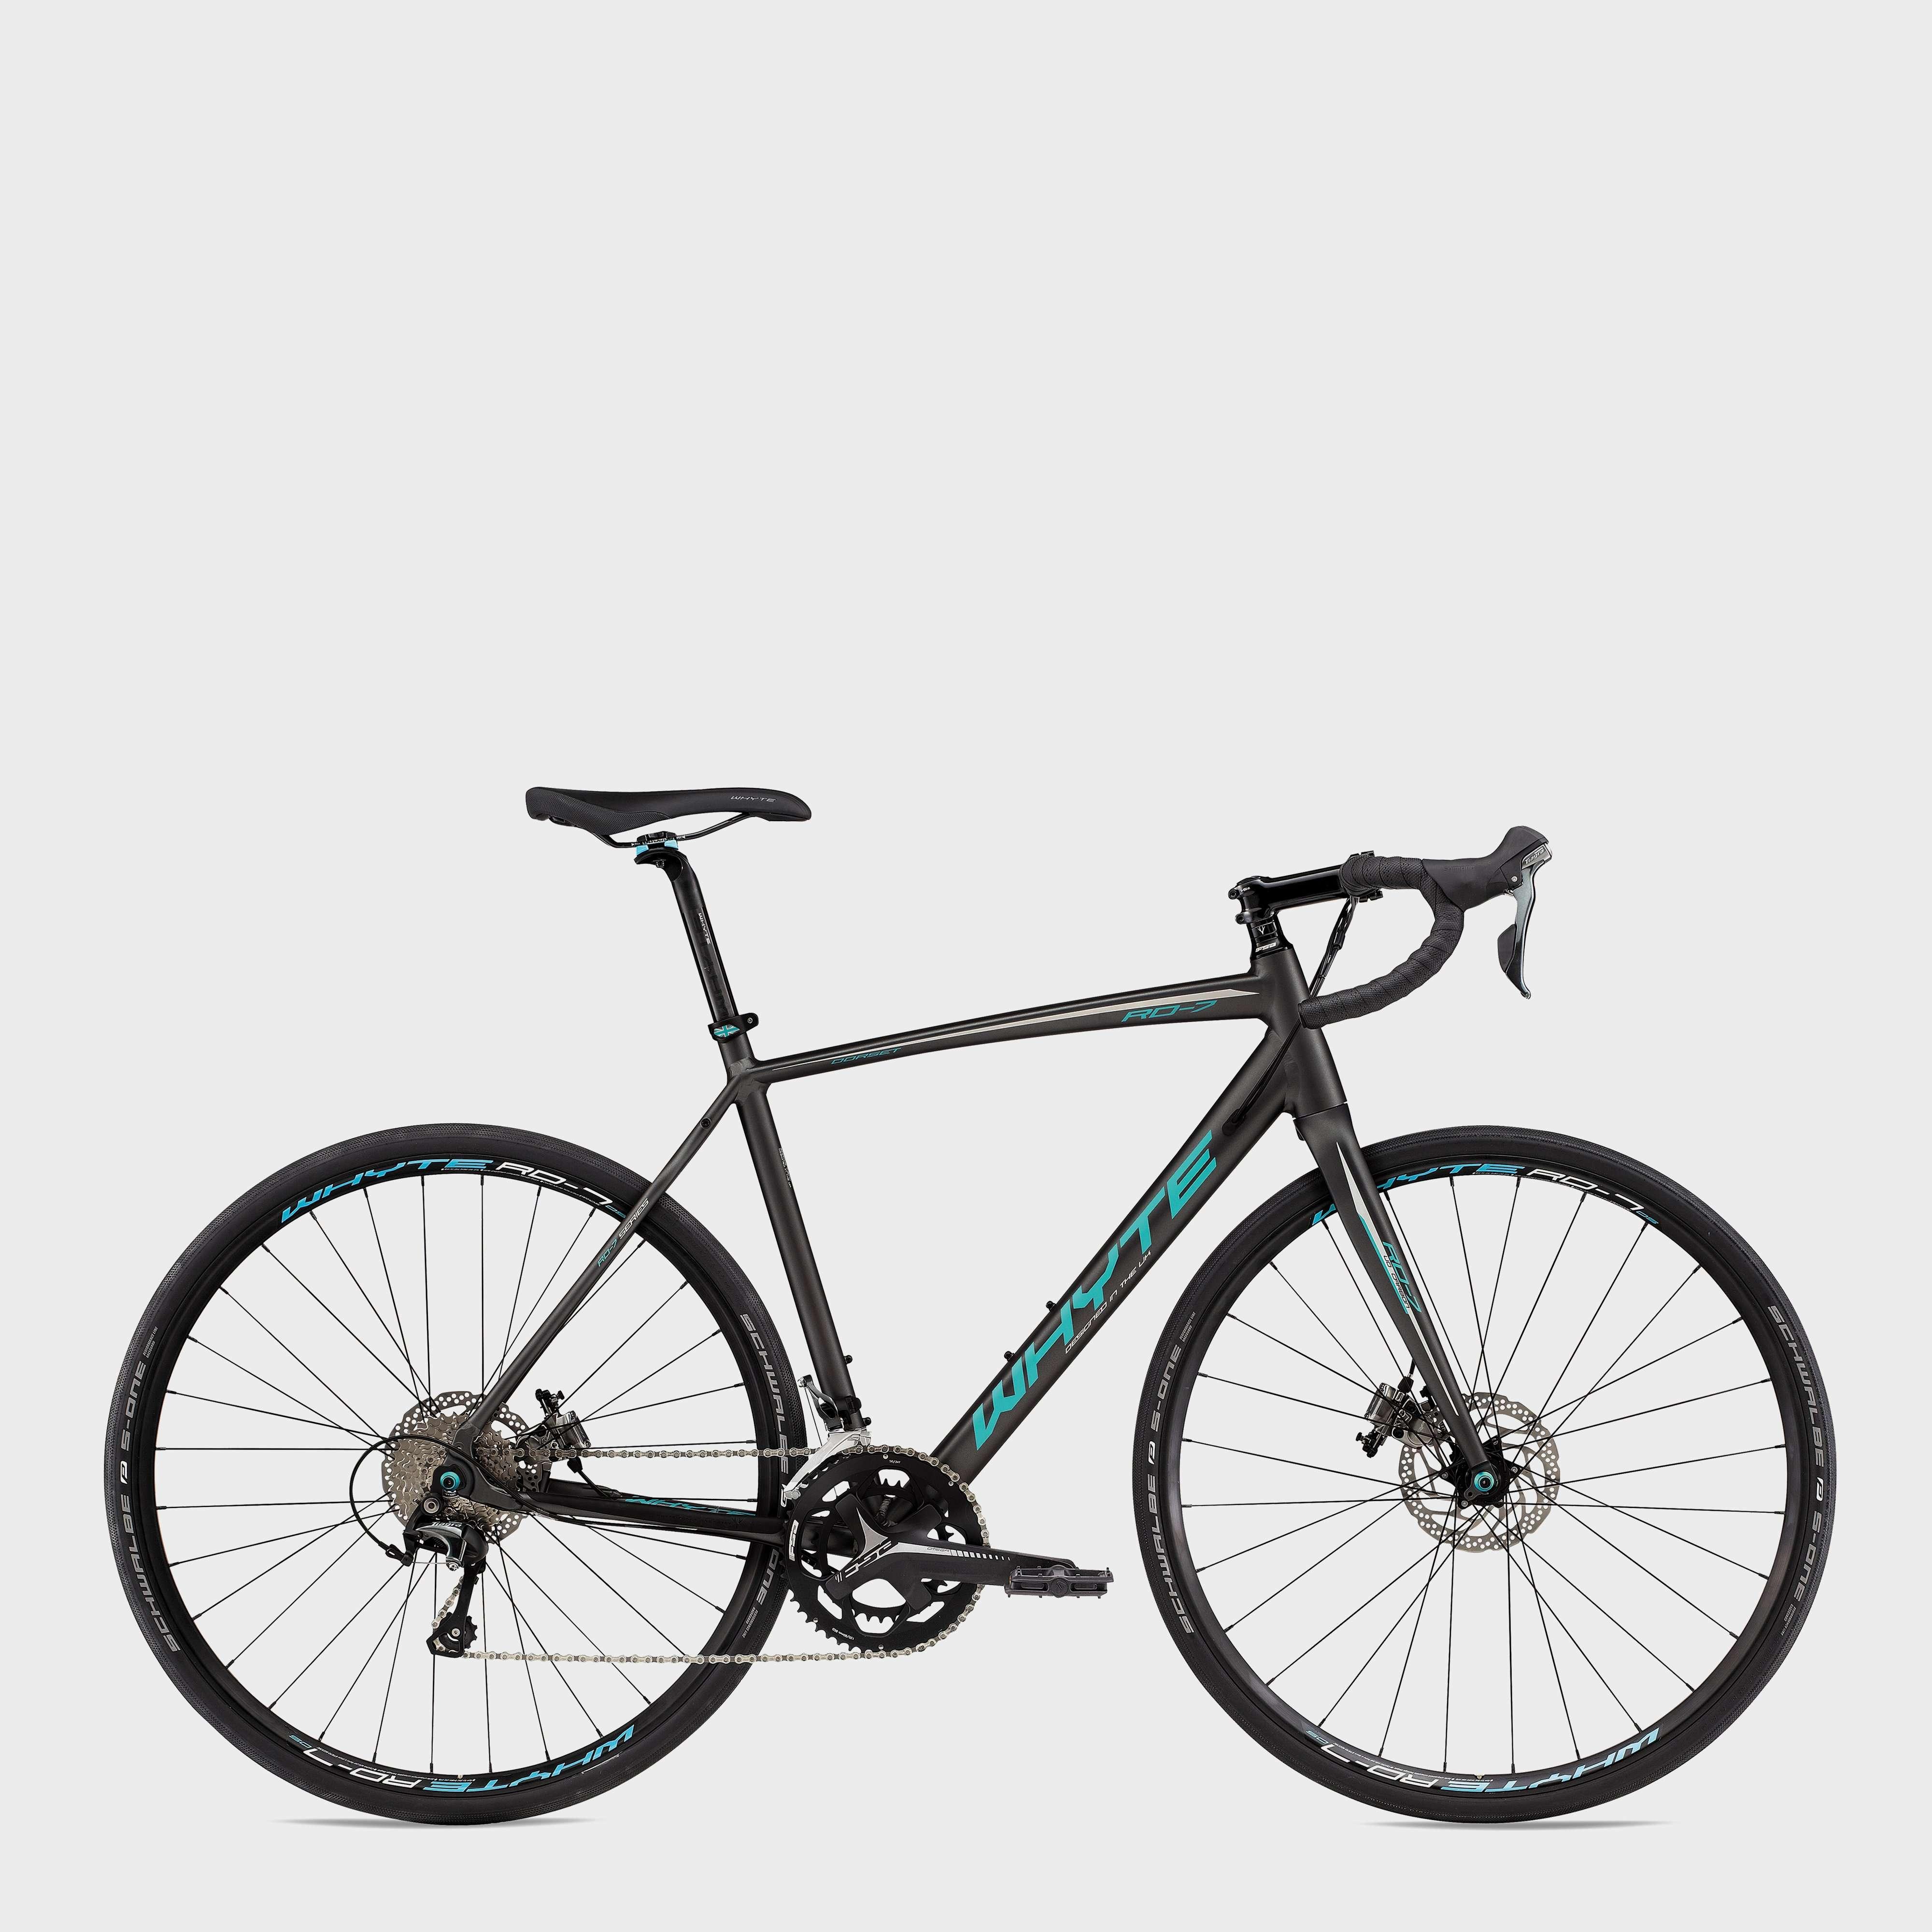 WHYTE BIKES Dorset Road Bike